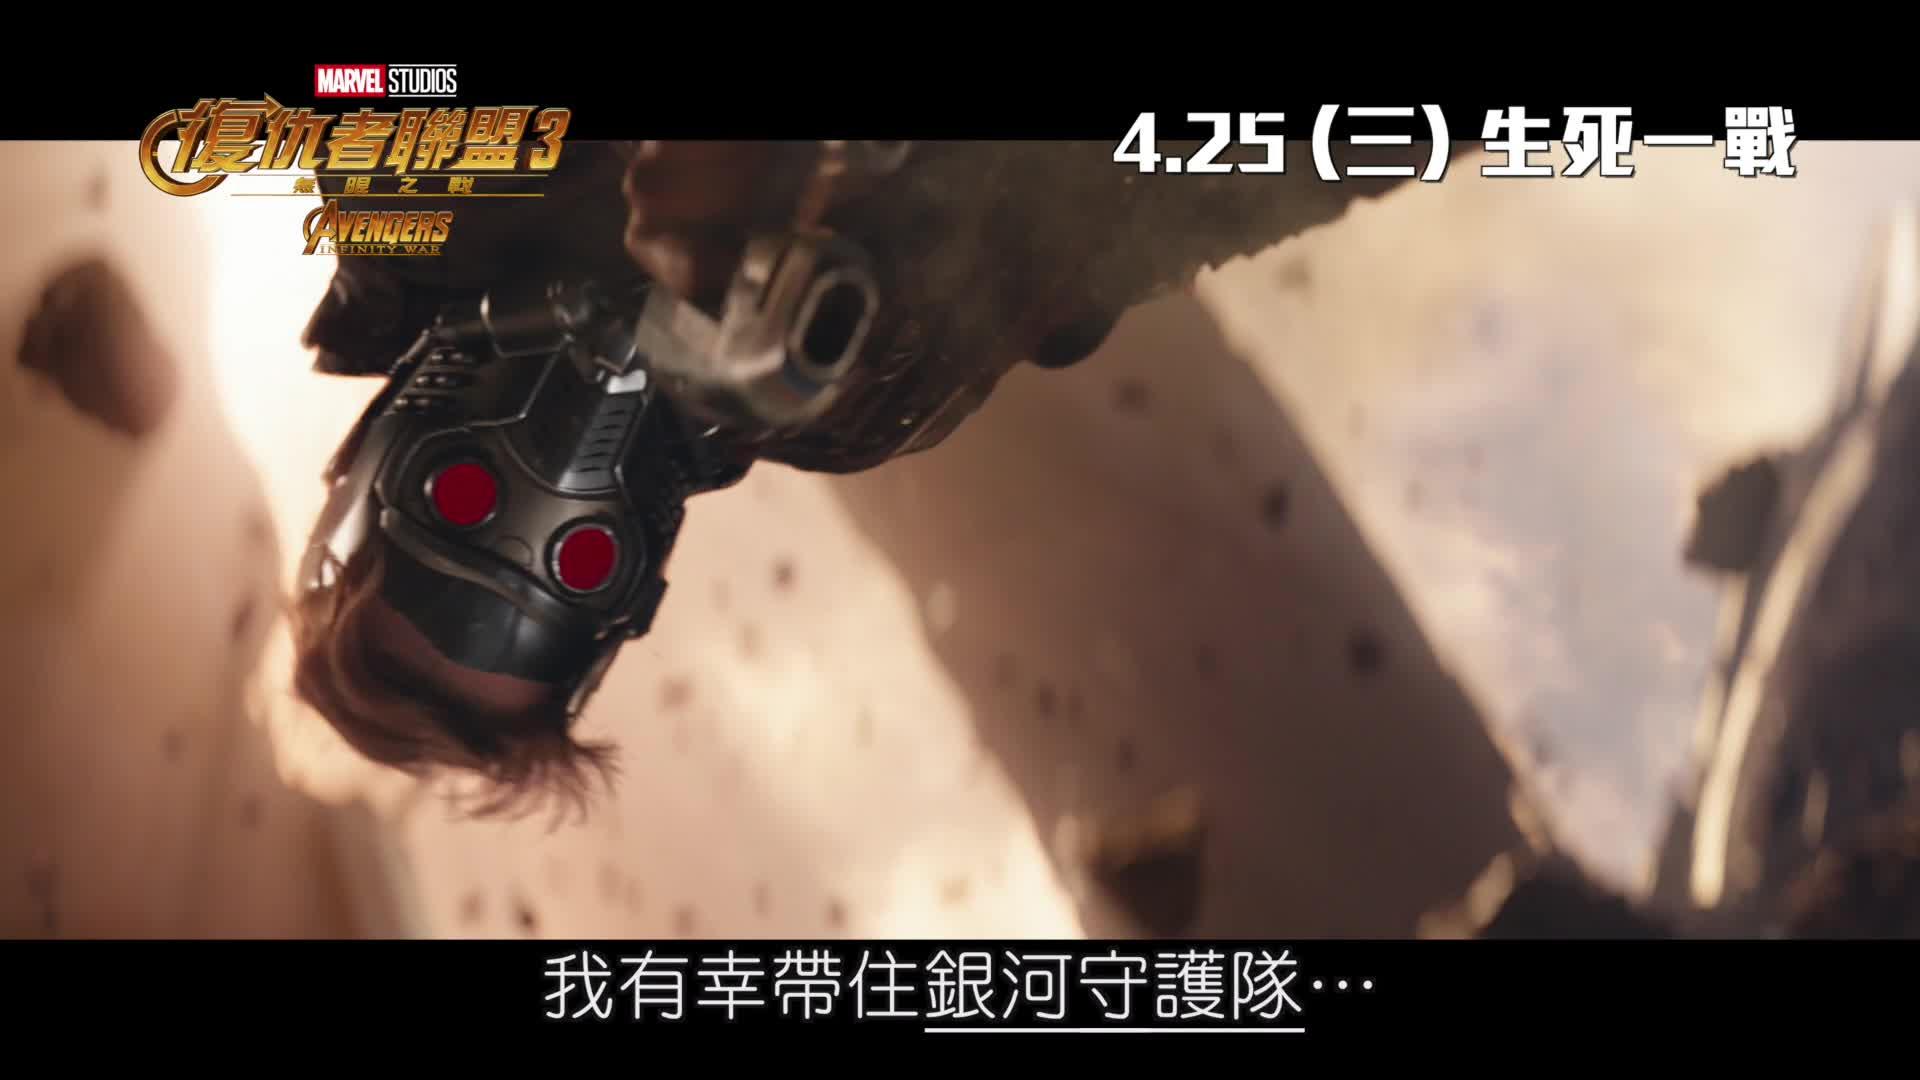 《復仇者聯盟3:無限之戰》製作花絮